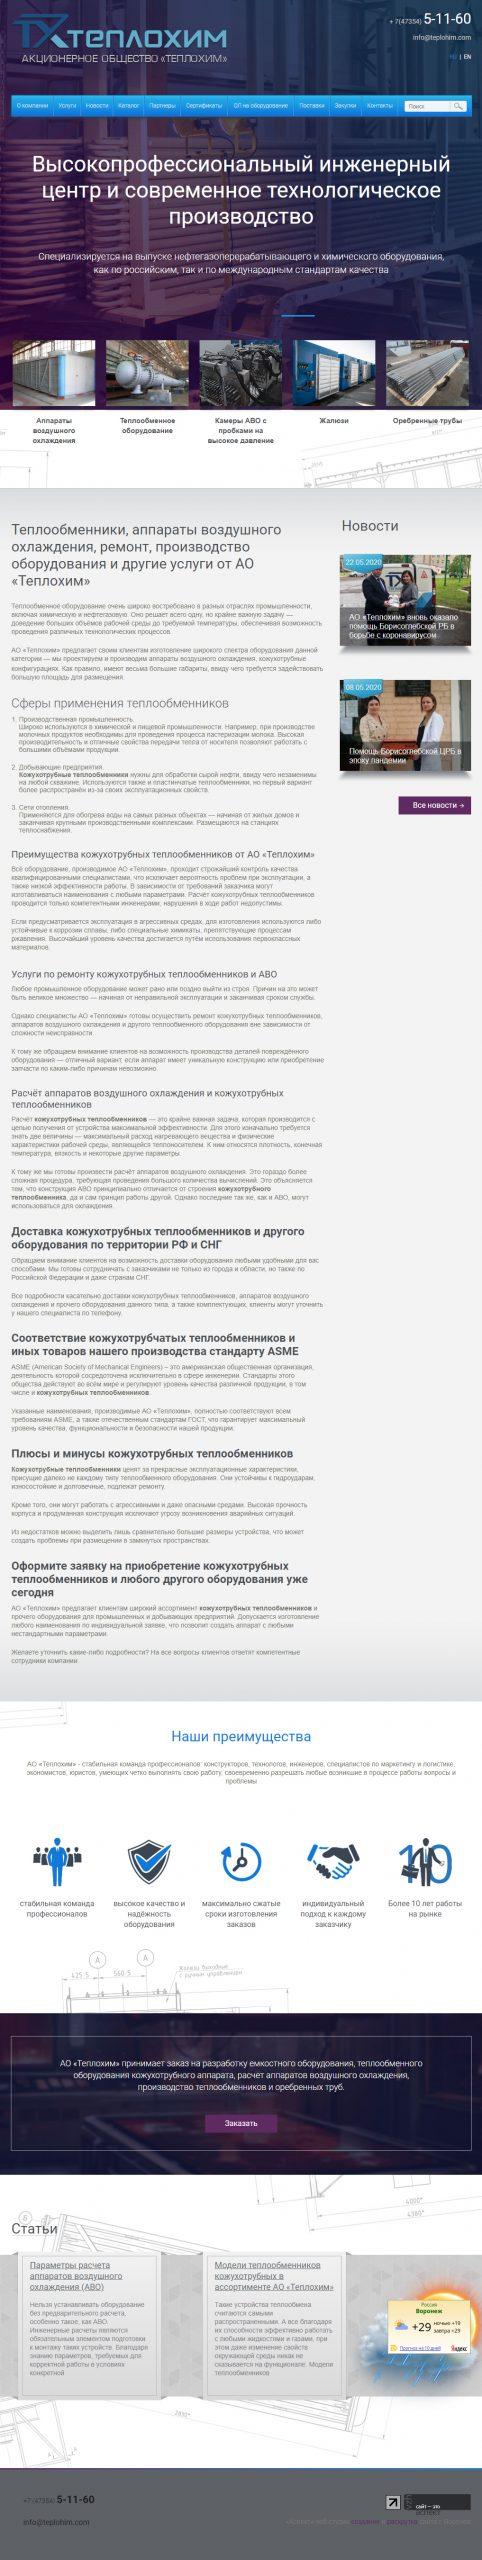 примеры сайтов производства Теплохим 1000 px